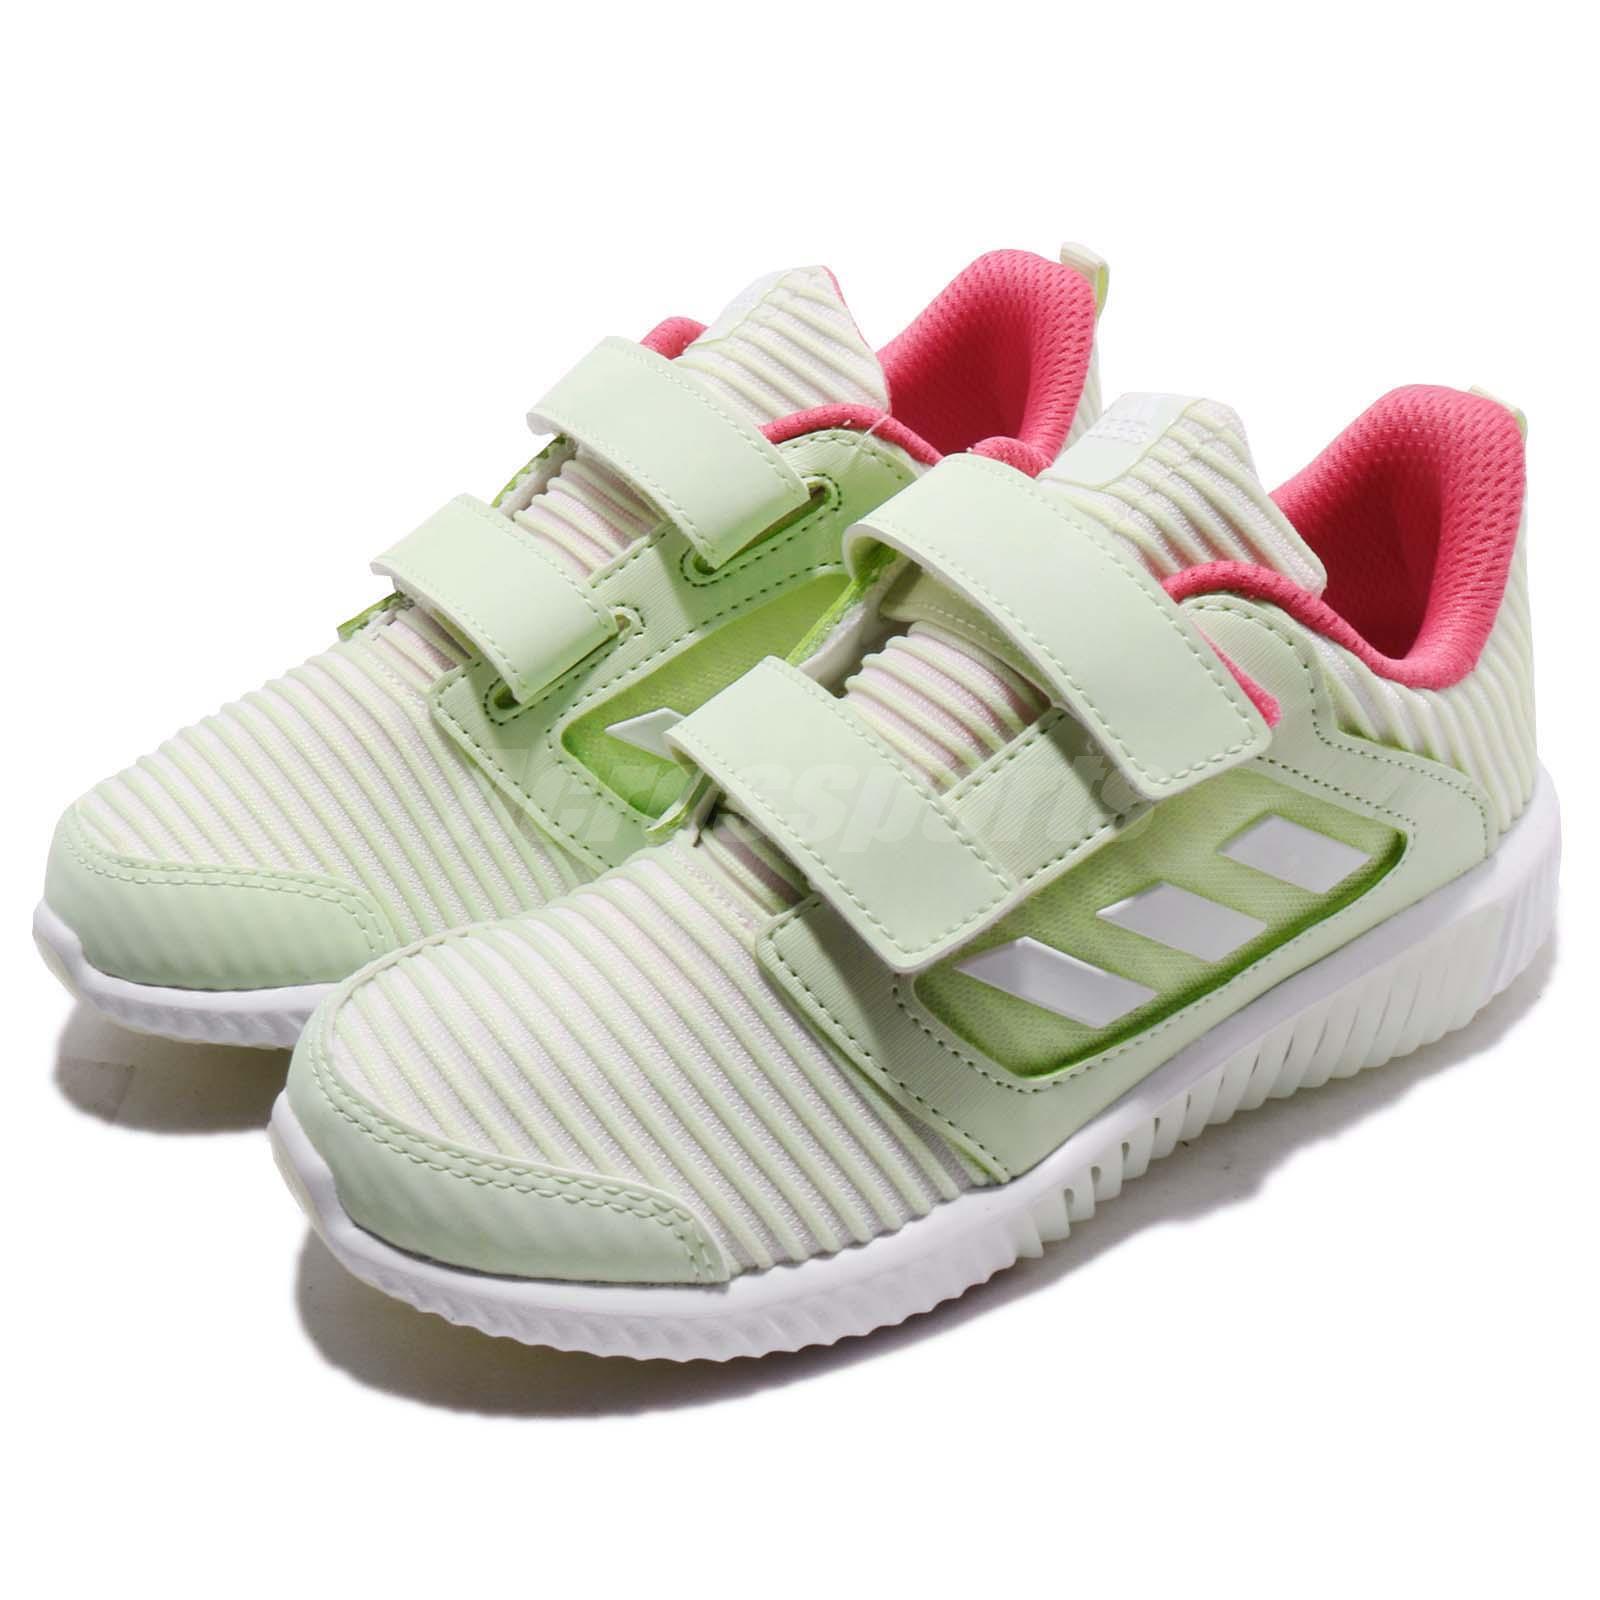 Adidas climacool bocchetta di c aero verde bianco junior junior junior scarpe da corsabd7172 | On Line  fc9d47